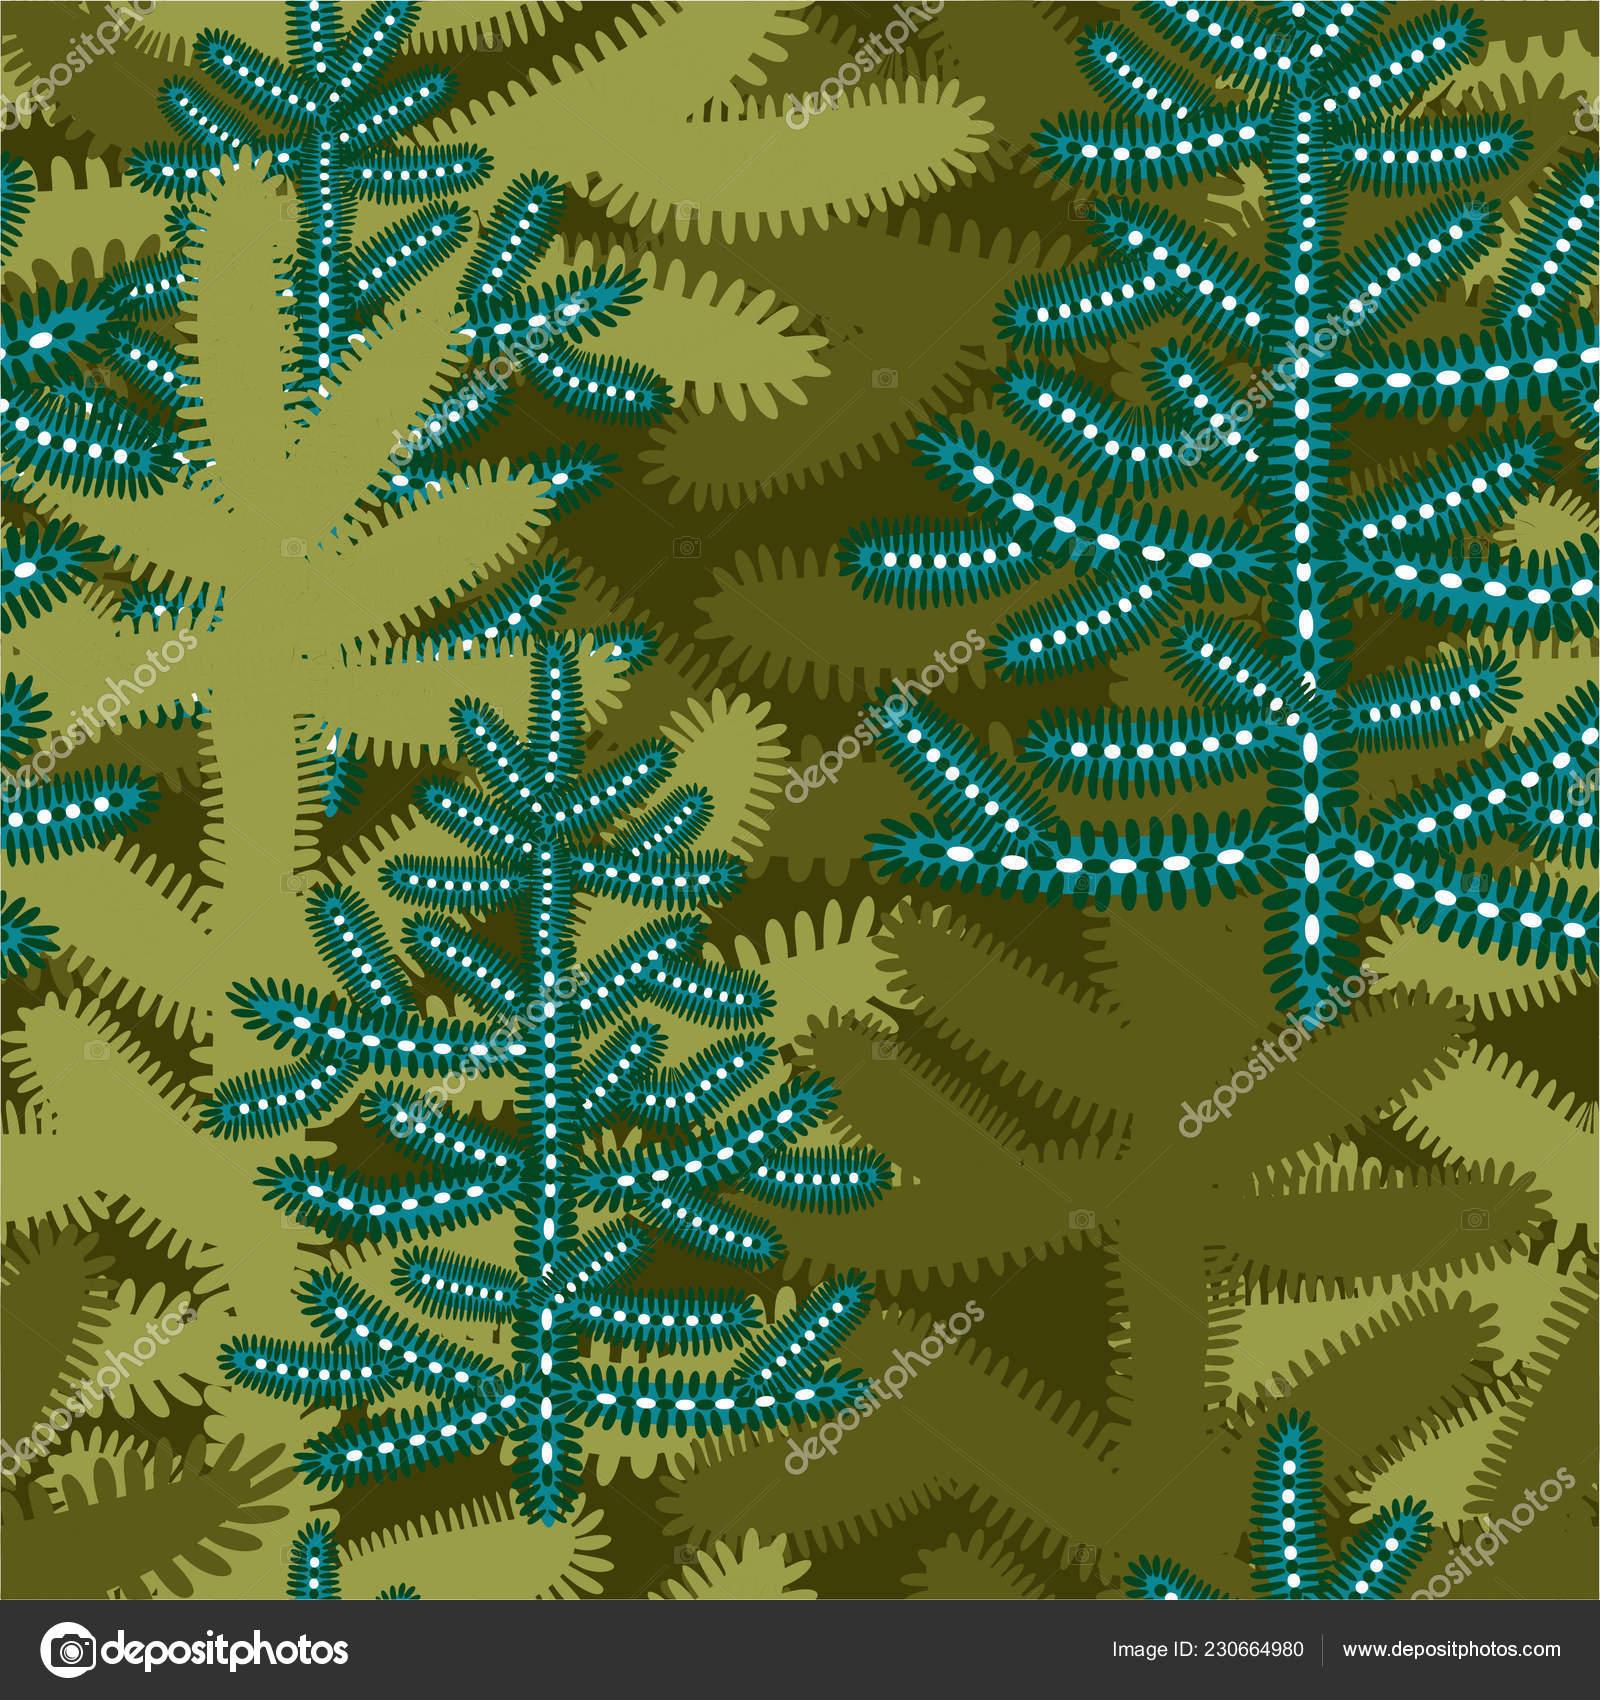 Dibujos De Arboles De Navidad Pintados.Dibujos Animados Invierno De Patrones Sin Fisuras Con Los